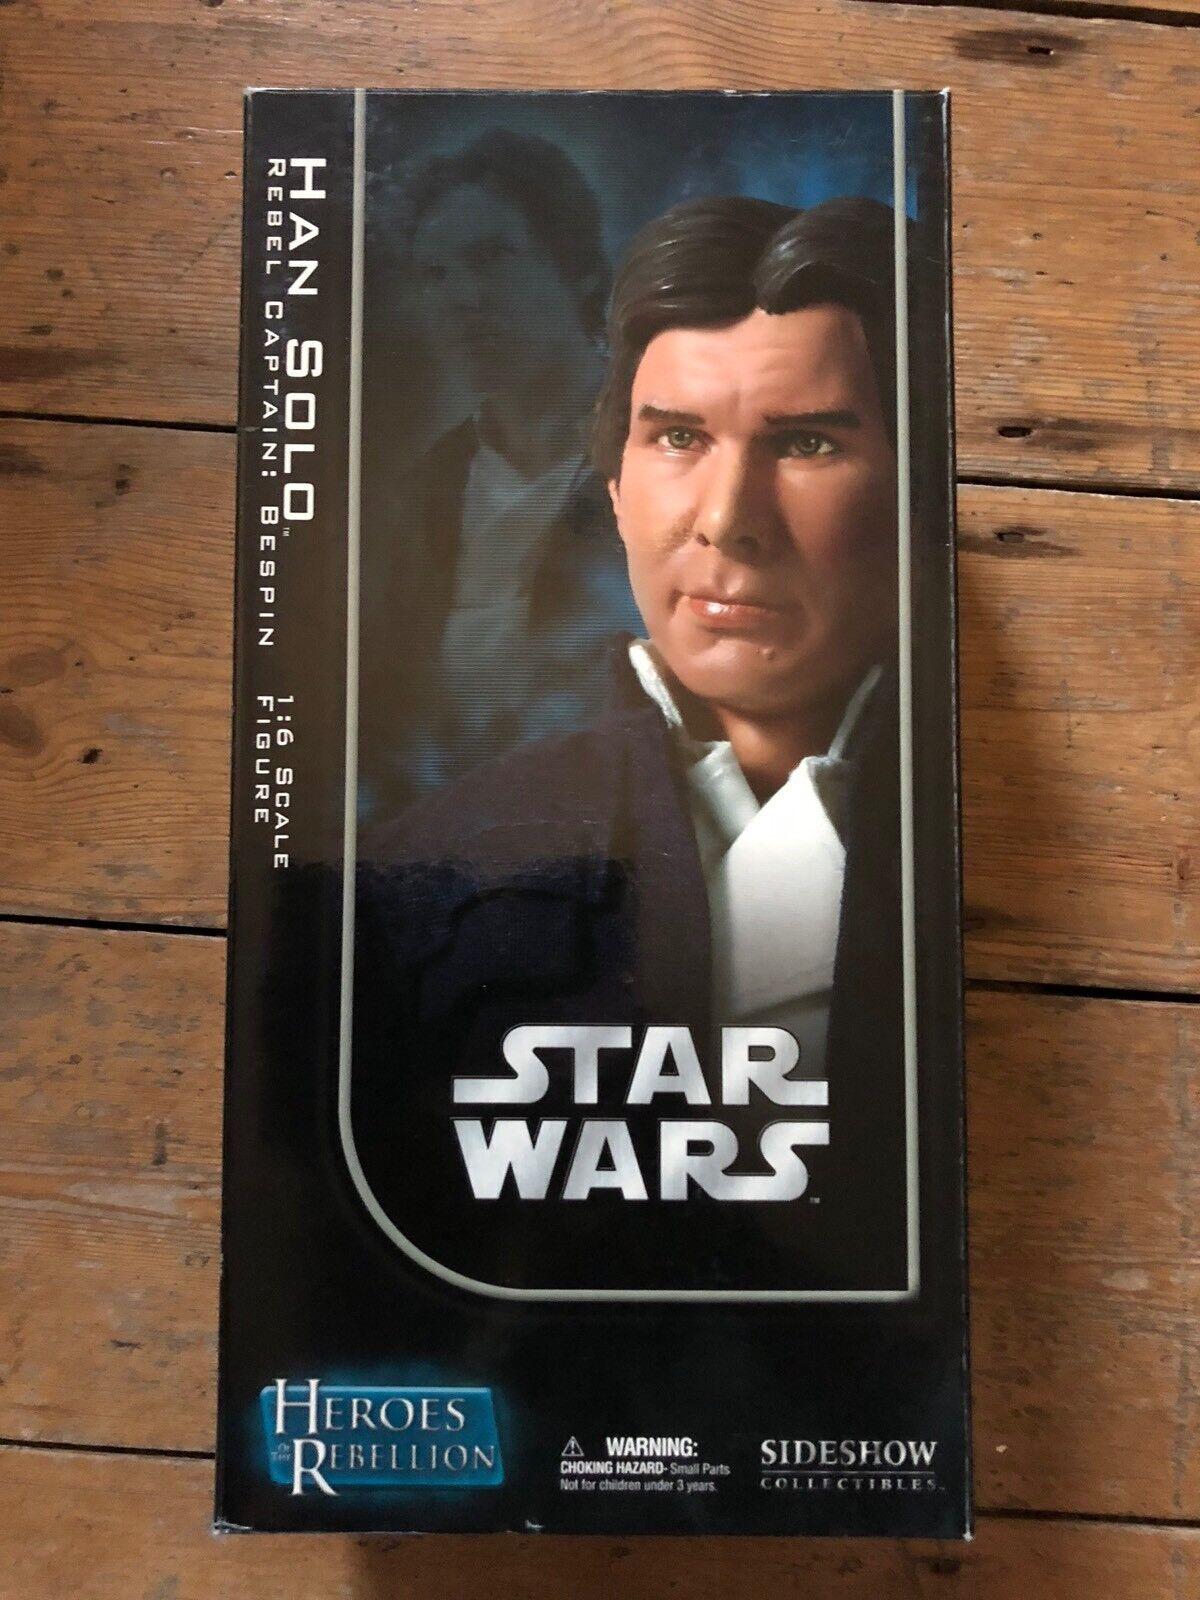 Sideshow Star Wars Héros de la rébellion Han Solo Rebel capitaine  BESPIN C242